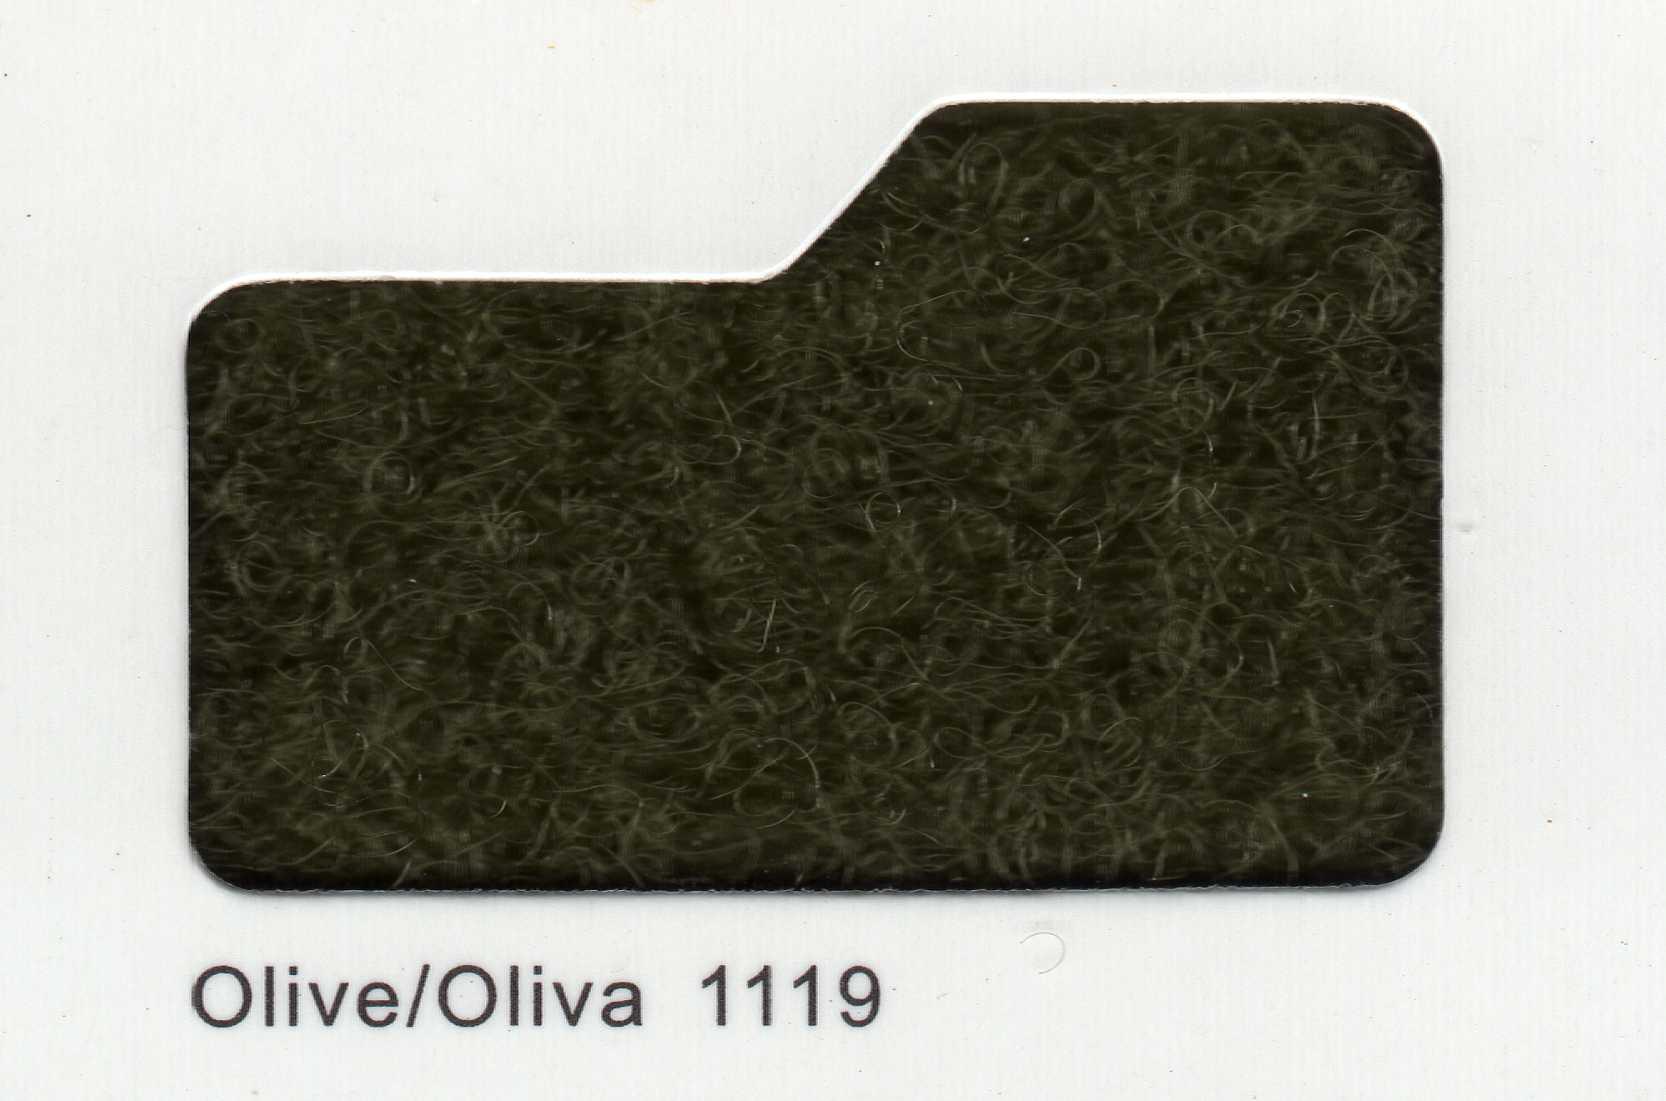 Cinta de cierre Velcro-Veraco 20mm Oliva 1119 (Rizo).